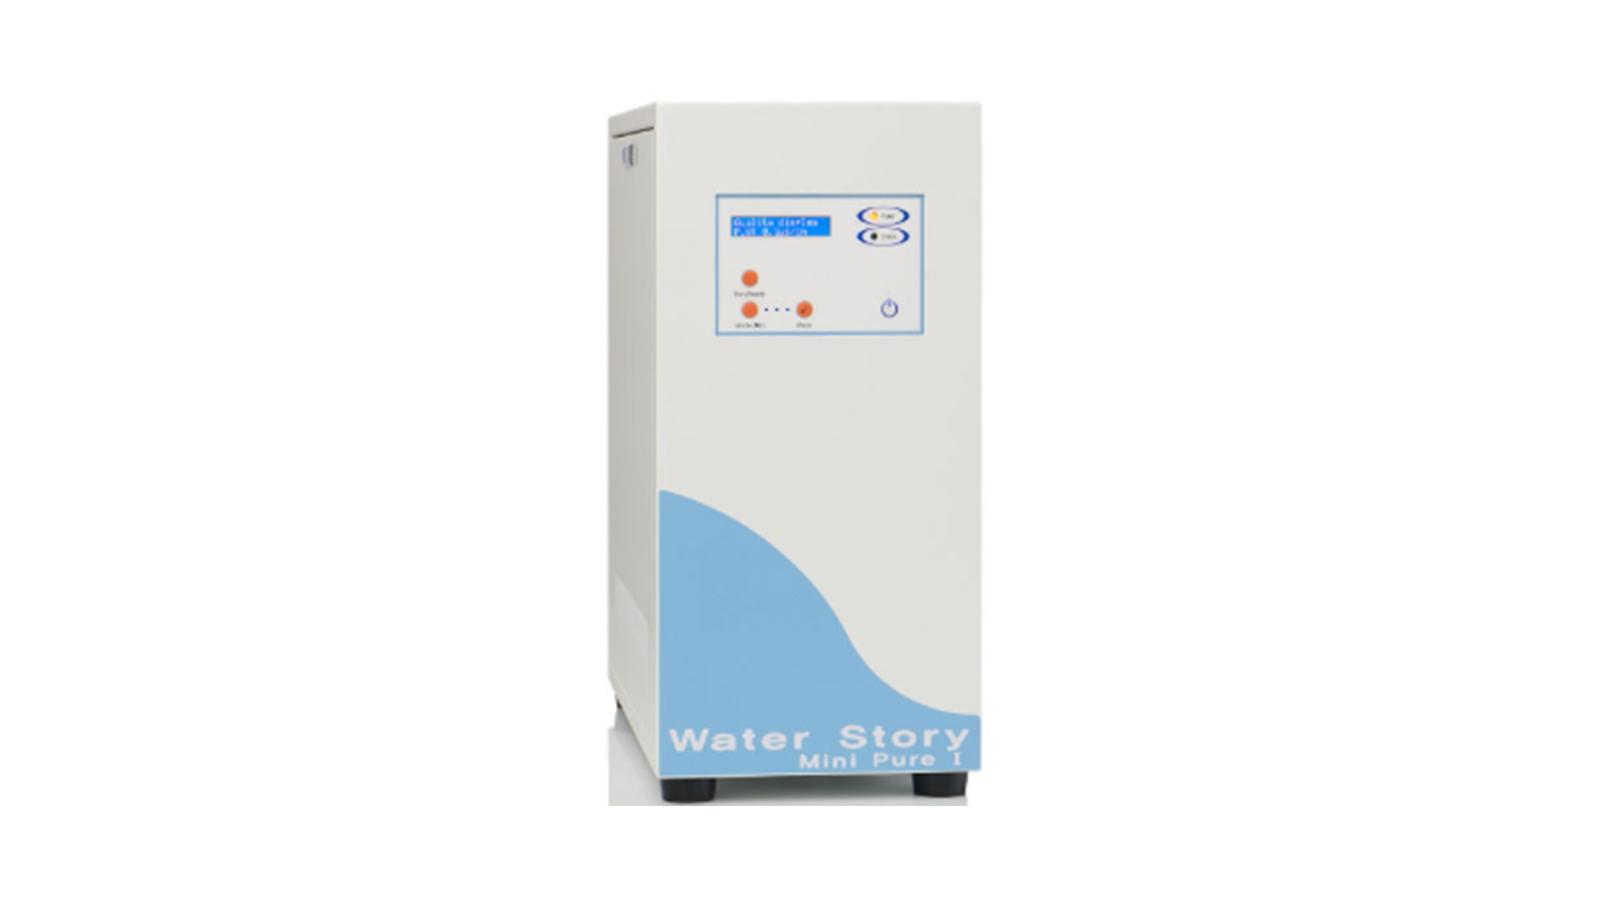 Saf Su Cihazı Mini Pure Serisi || Merlab Laboratuvar Ekipmanları